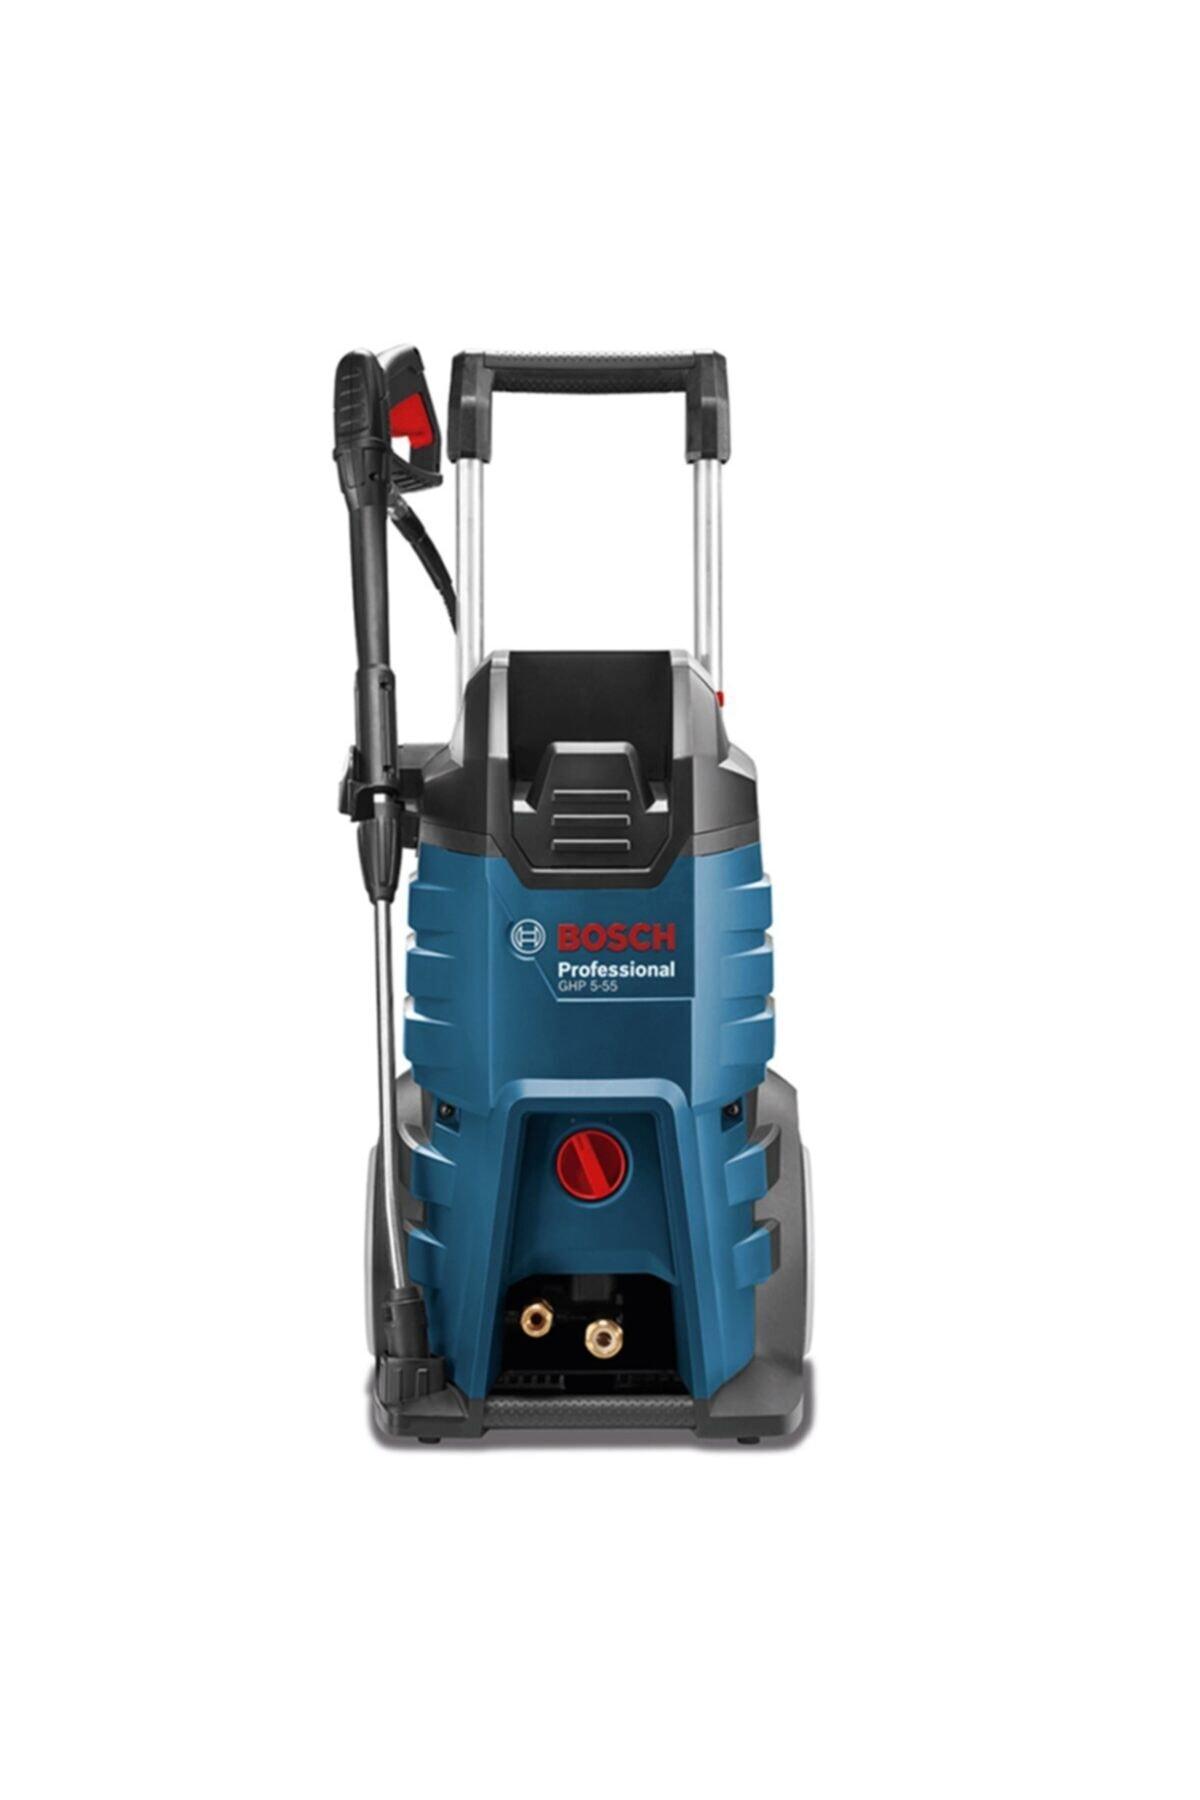 Bosch Ghp 5-55 Yüksek Basınçlı Yıkama Makinesi 130 Bar - 0600910400 Fiyatı,  Yorumları - Trendyol